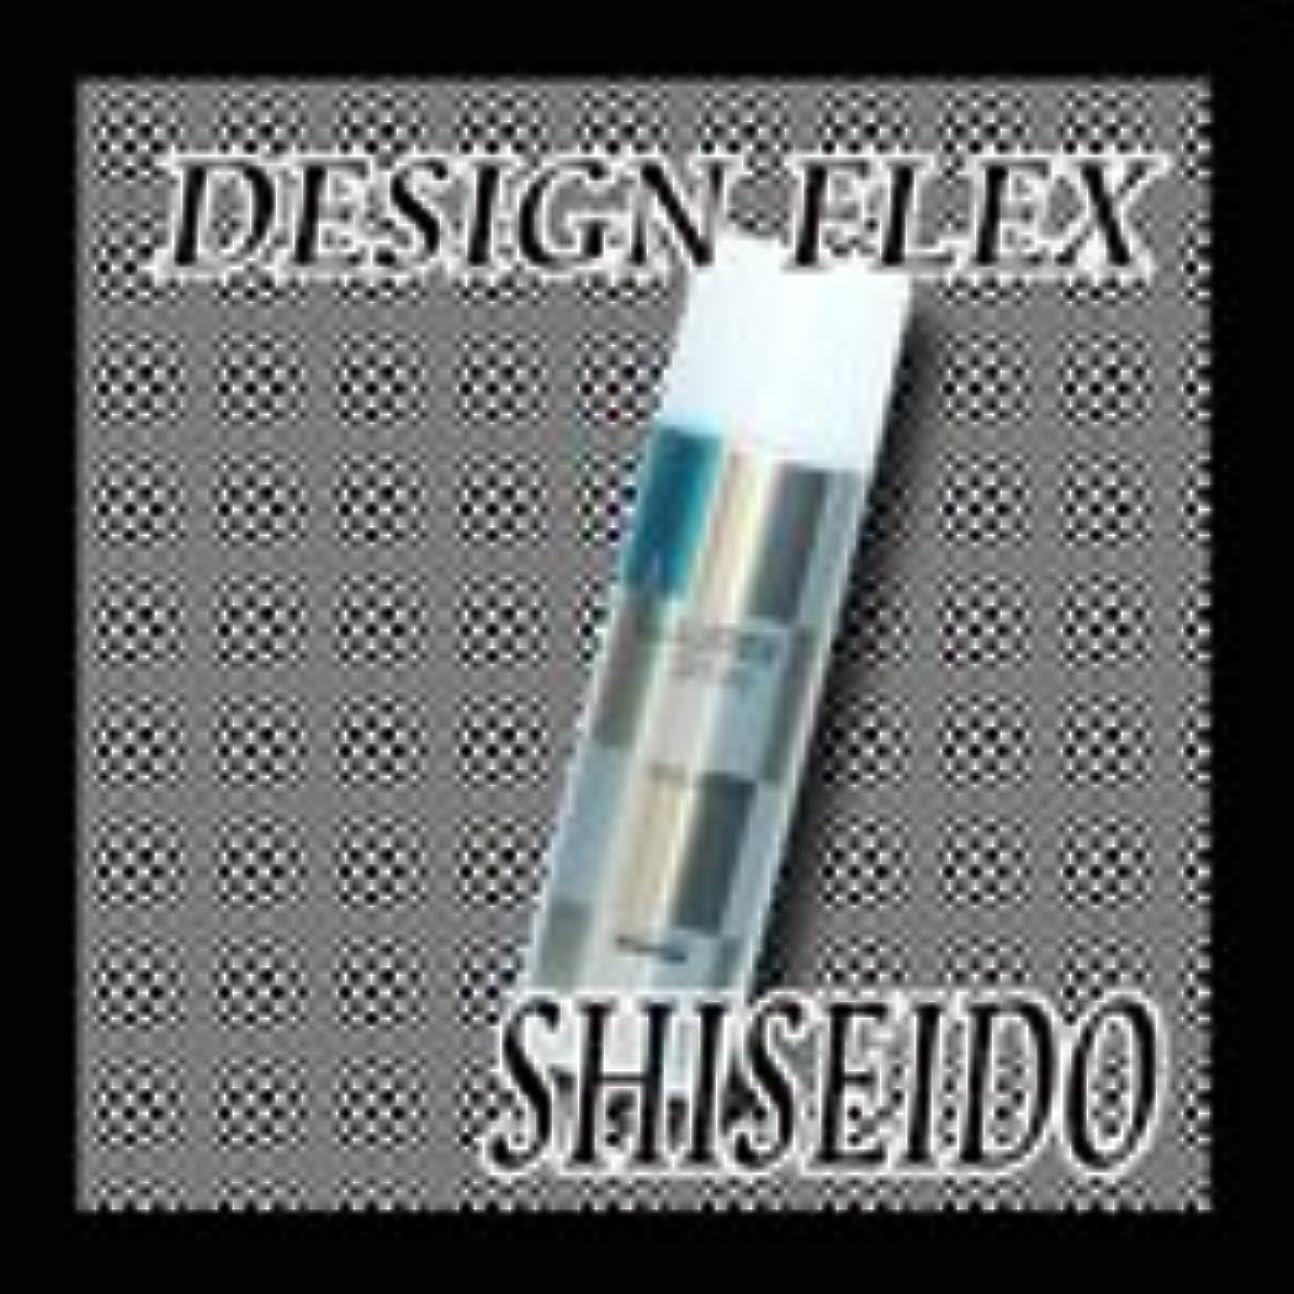 一時解雇するパステルブルSHISEIDO 資生堂 プロフェッショナル DESIGN FLEX デザインフレックス ラスタースプレー215g